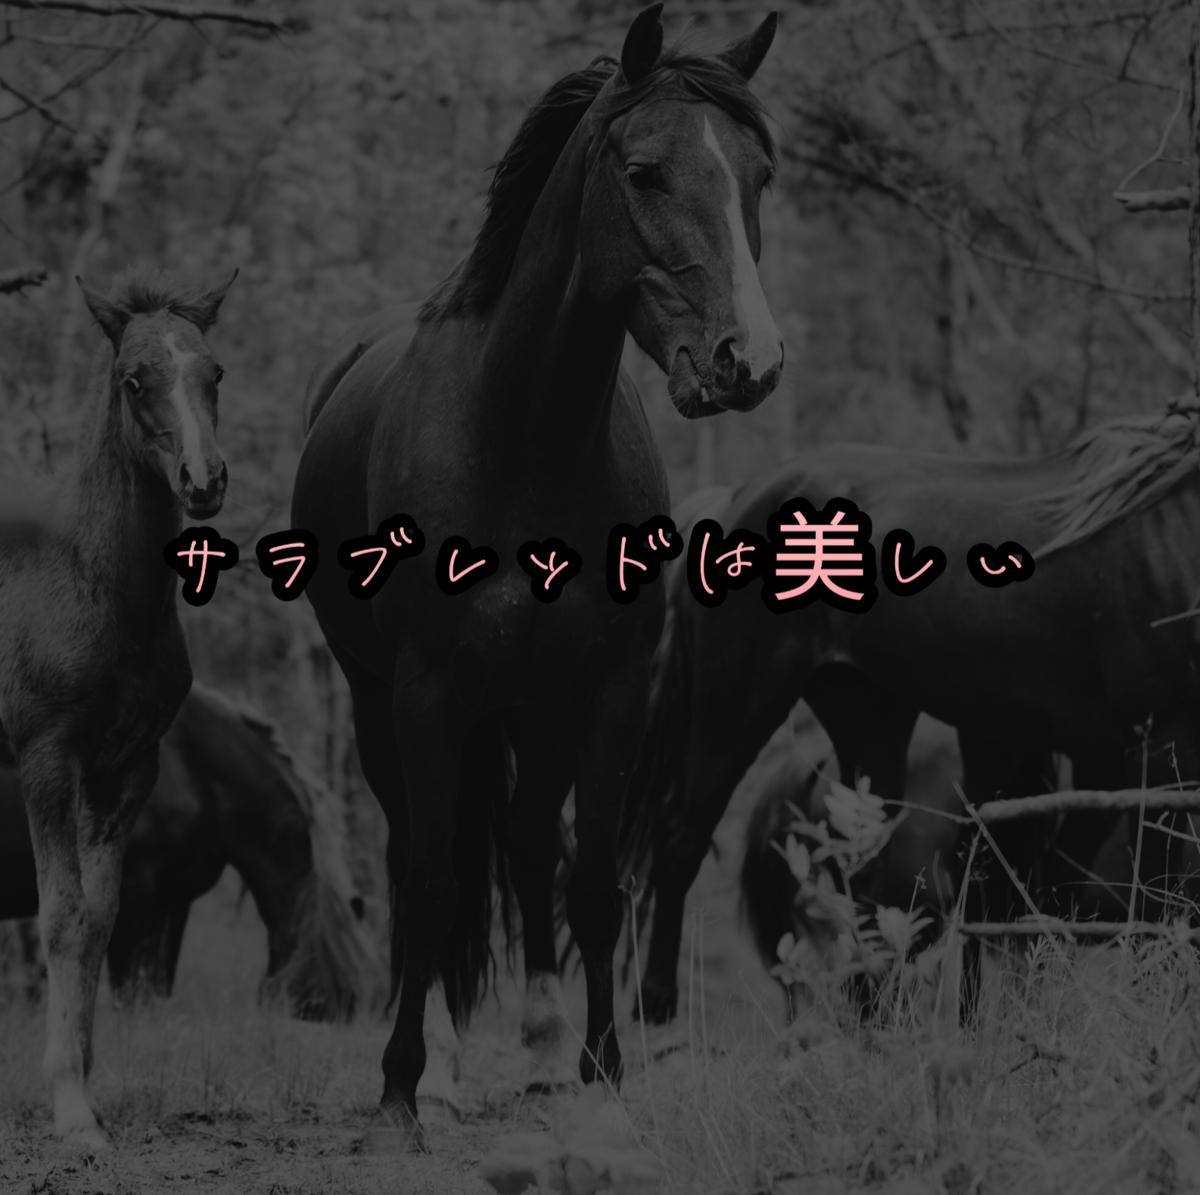 f:id:hamuhamu18:20200624190956p:plain